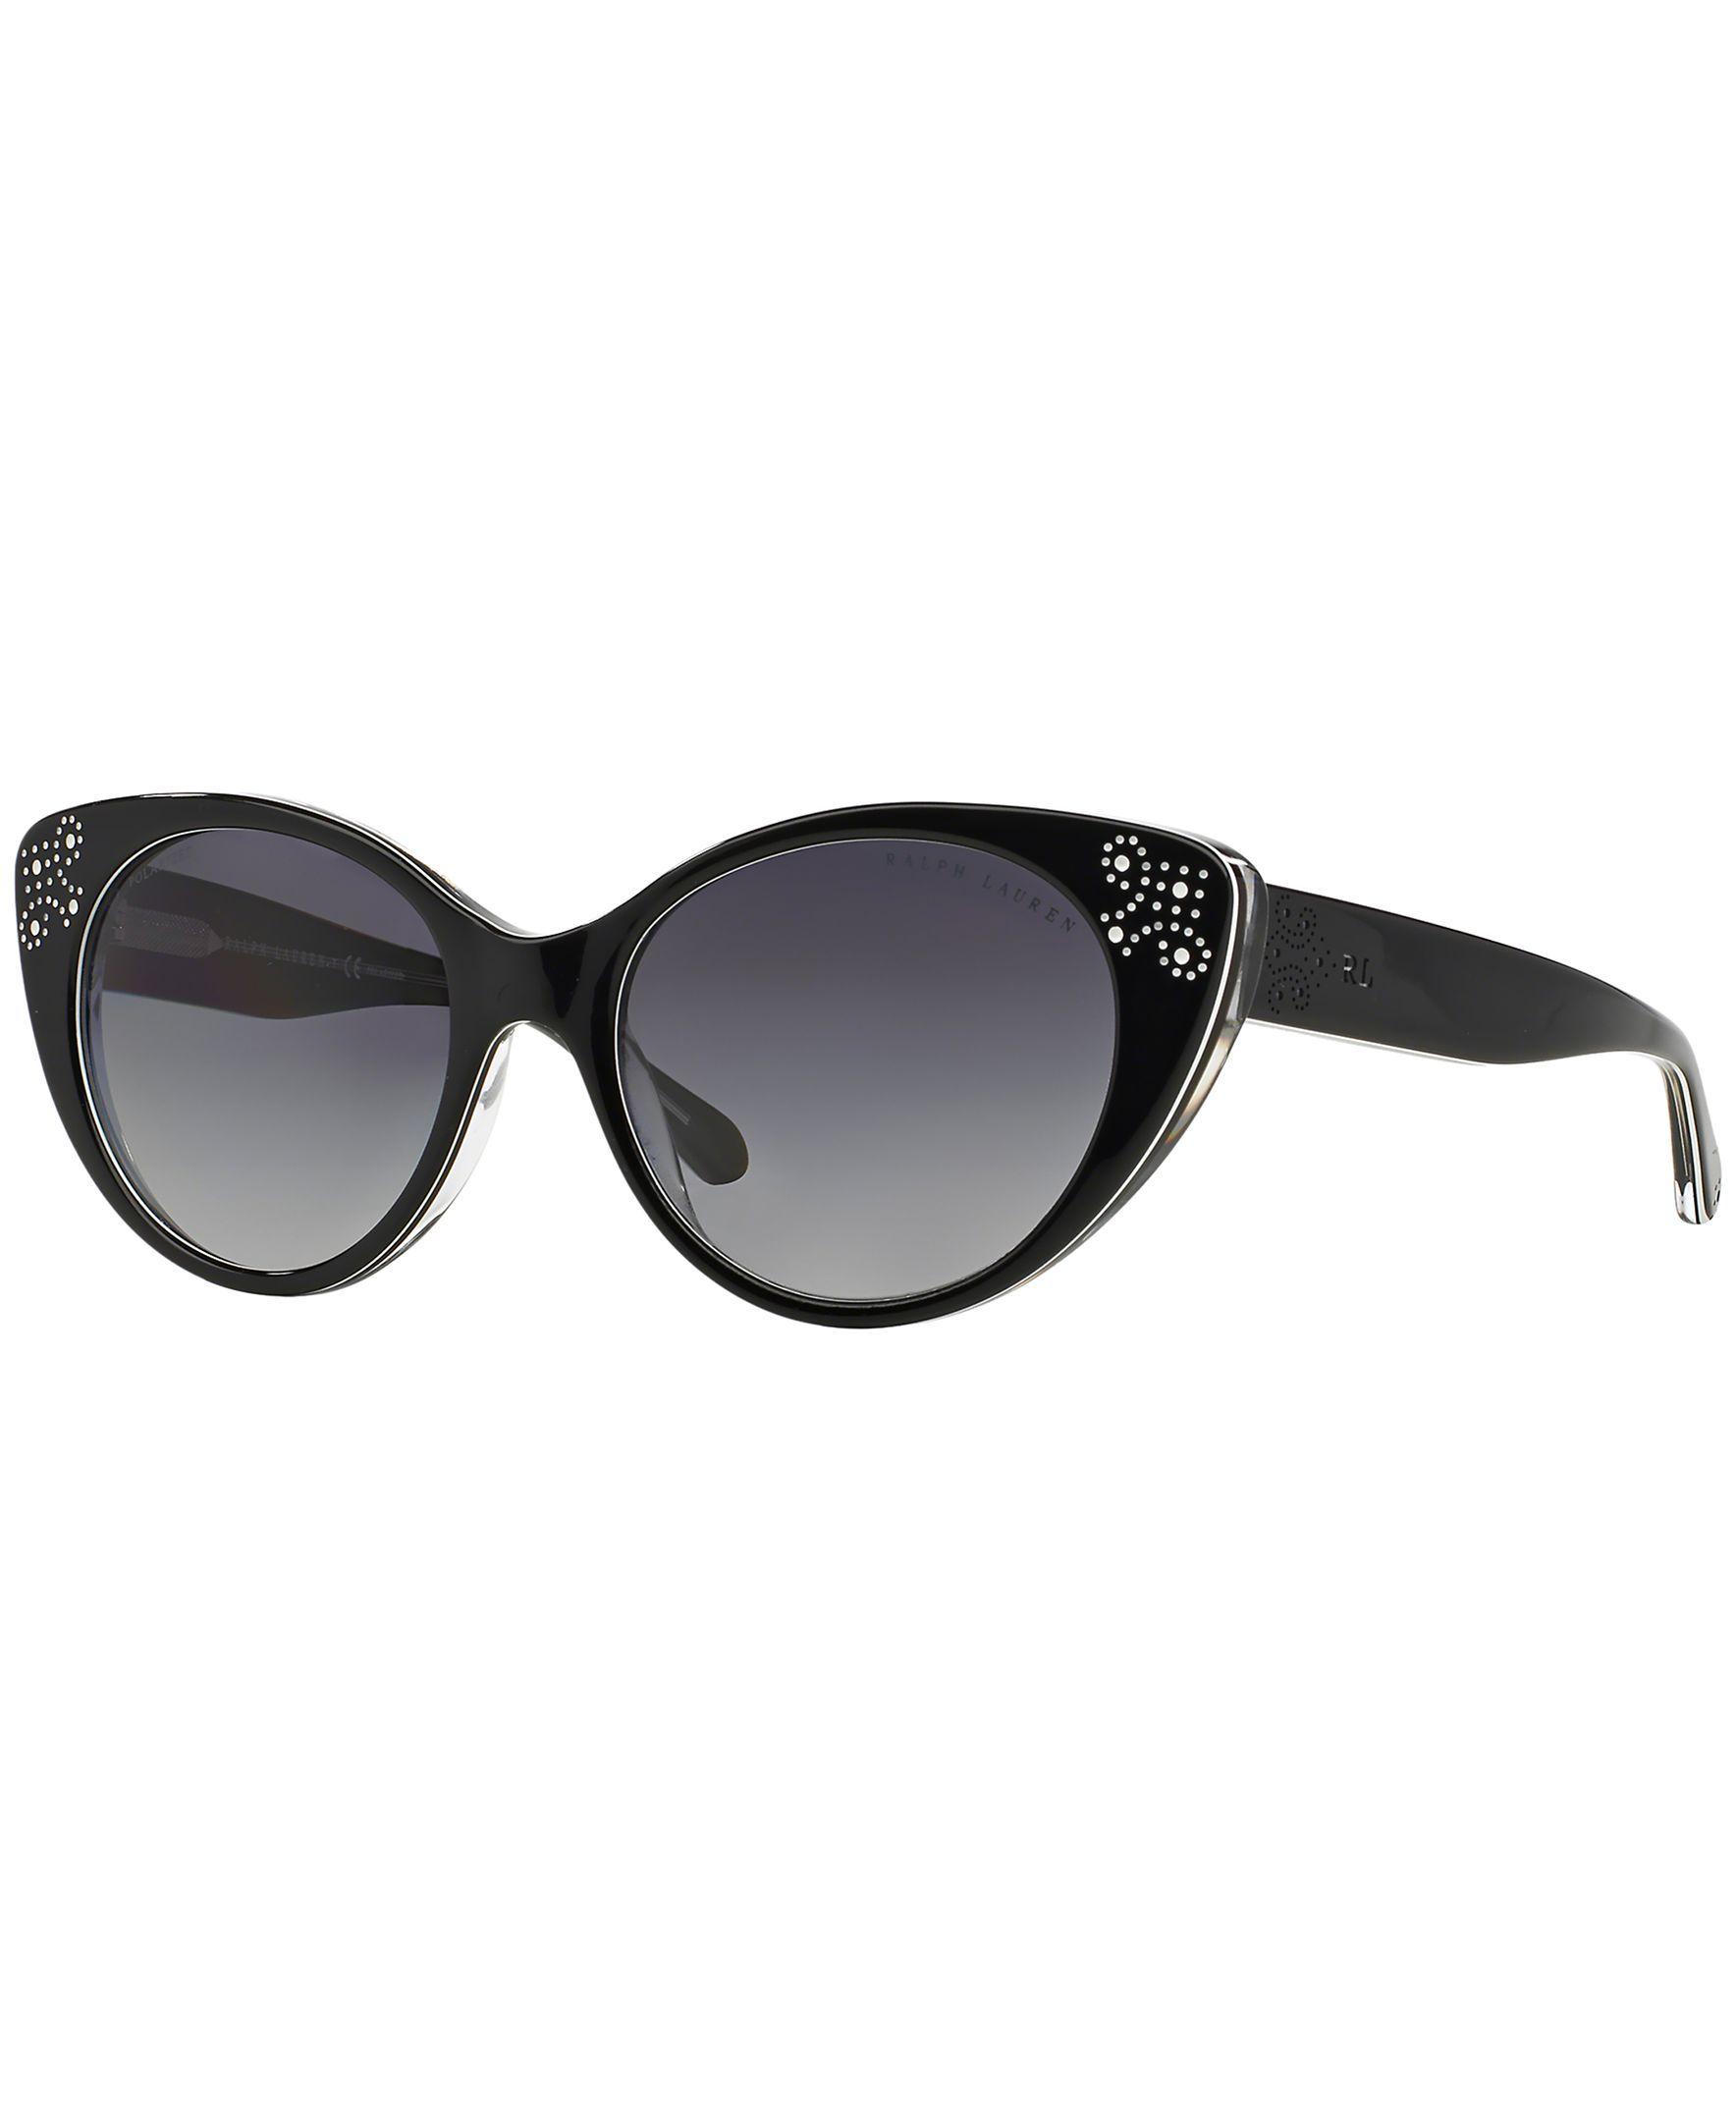 b4778508990fd7 Ralph Lauren Sunglasses, Ralph Lauren RL8110P   Products   Pinterest